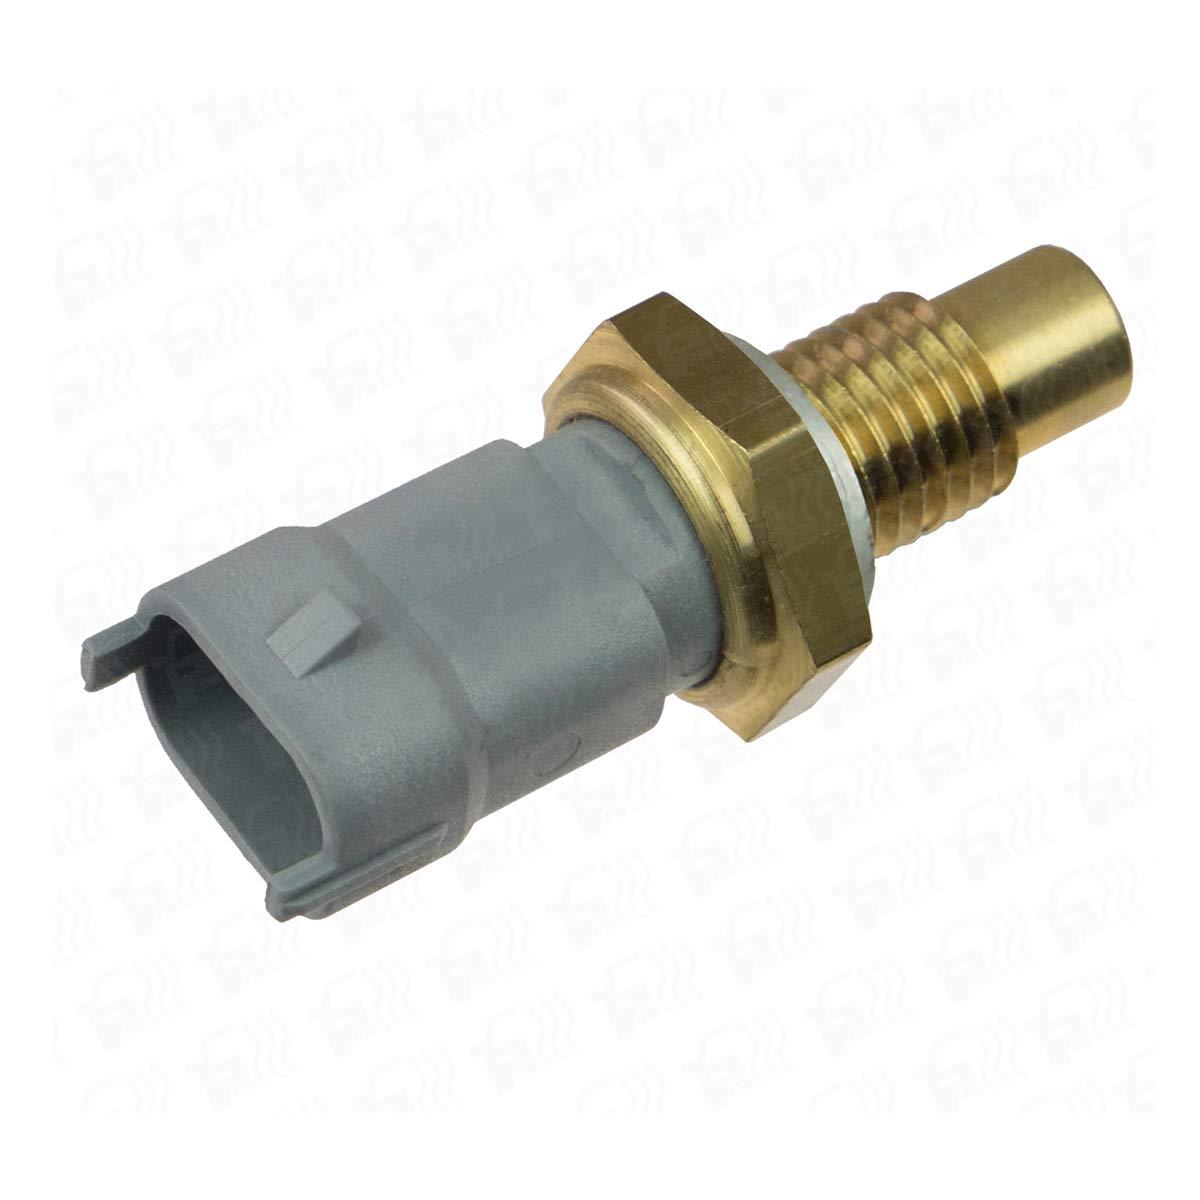 Fel-Pro 61578 Fuel Injection Throttle Body Mounting Gasket